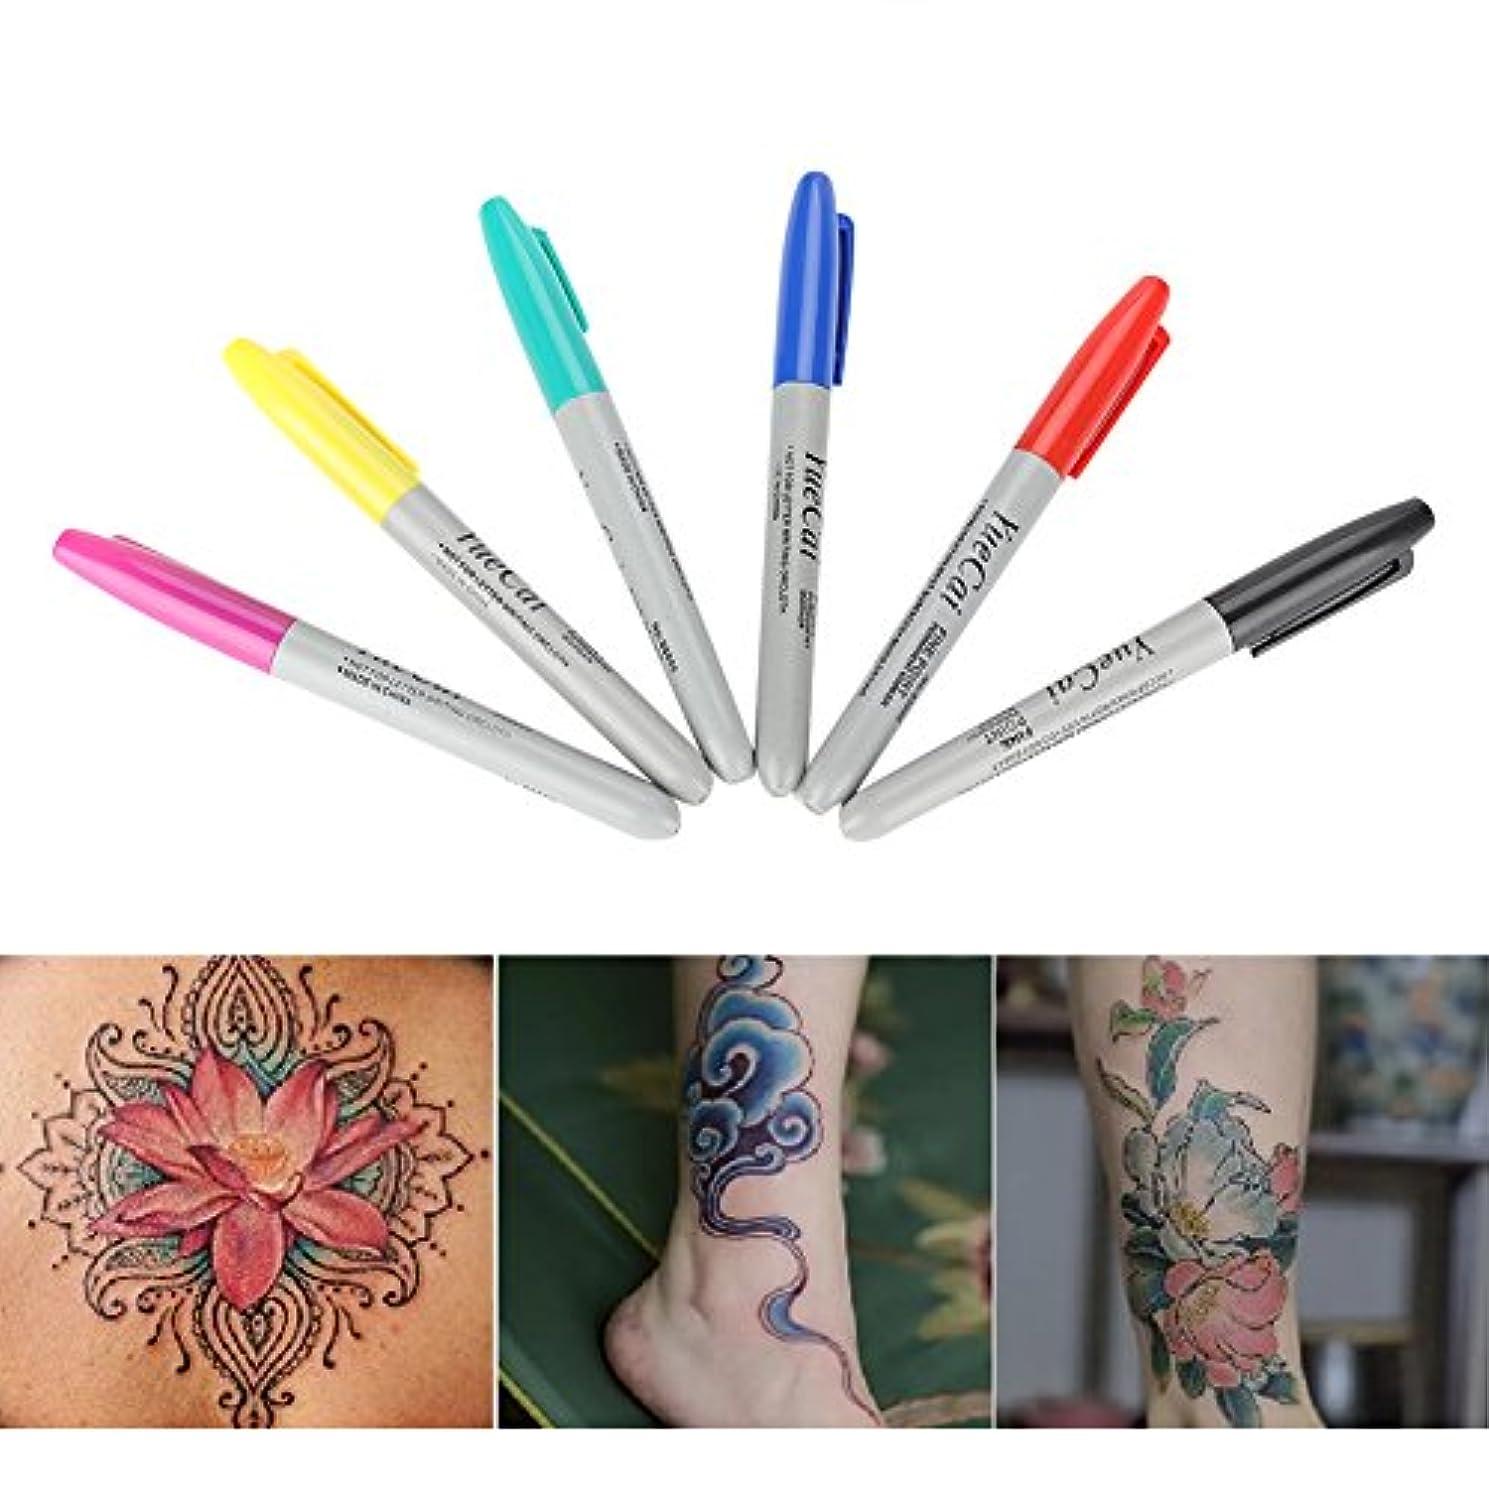 参加するあまりにも累積6ピース/セットタトゥースキンマーカー、永久タトゥーペン、位置決めペン永久化粧、タトゥーマーキングスクライブペン用ボディアート美容ツー